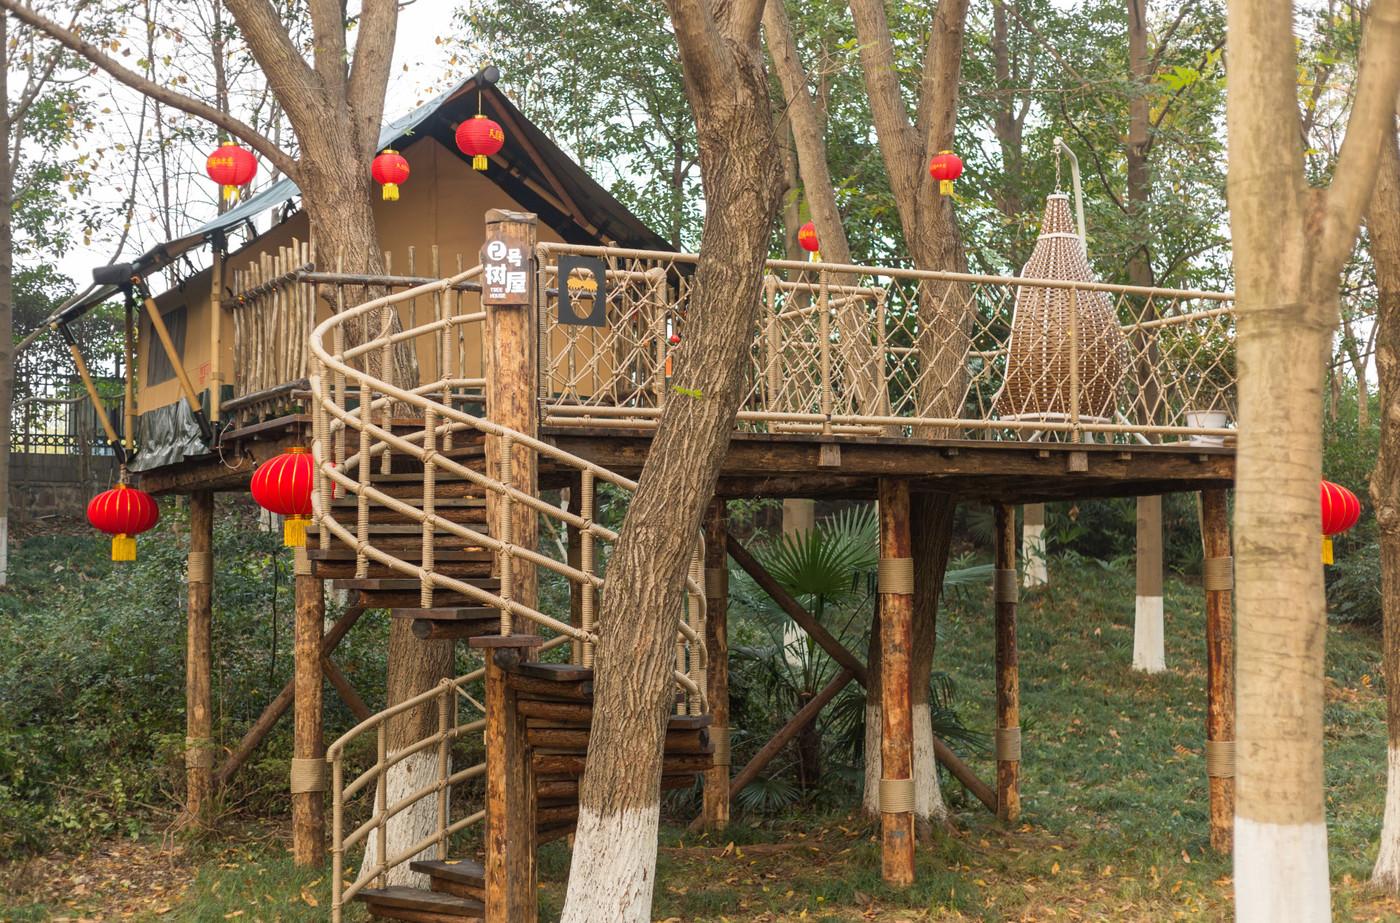 喜马拉雅野奢帐篷酒店—江苏常州天目湖树屋2